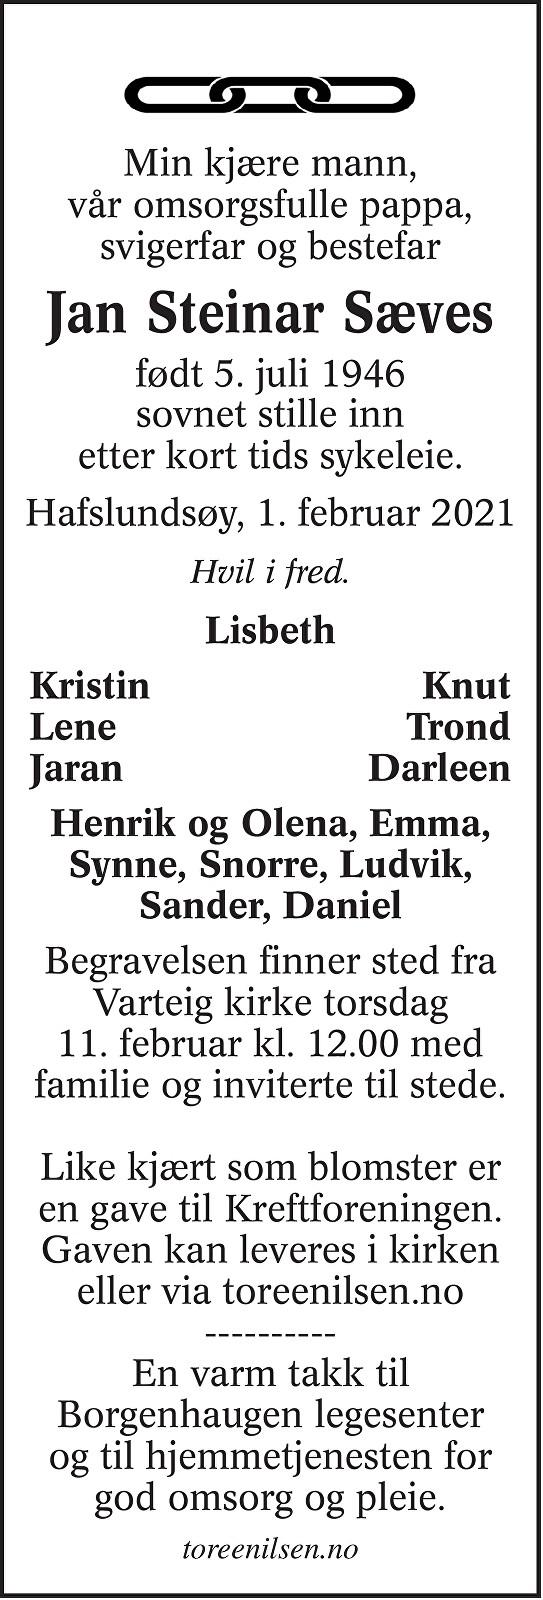 Jan Steinar Sæves Dødsannonse